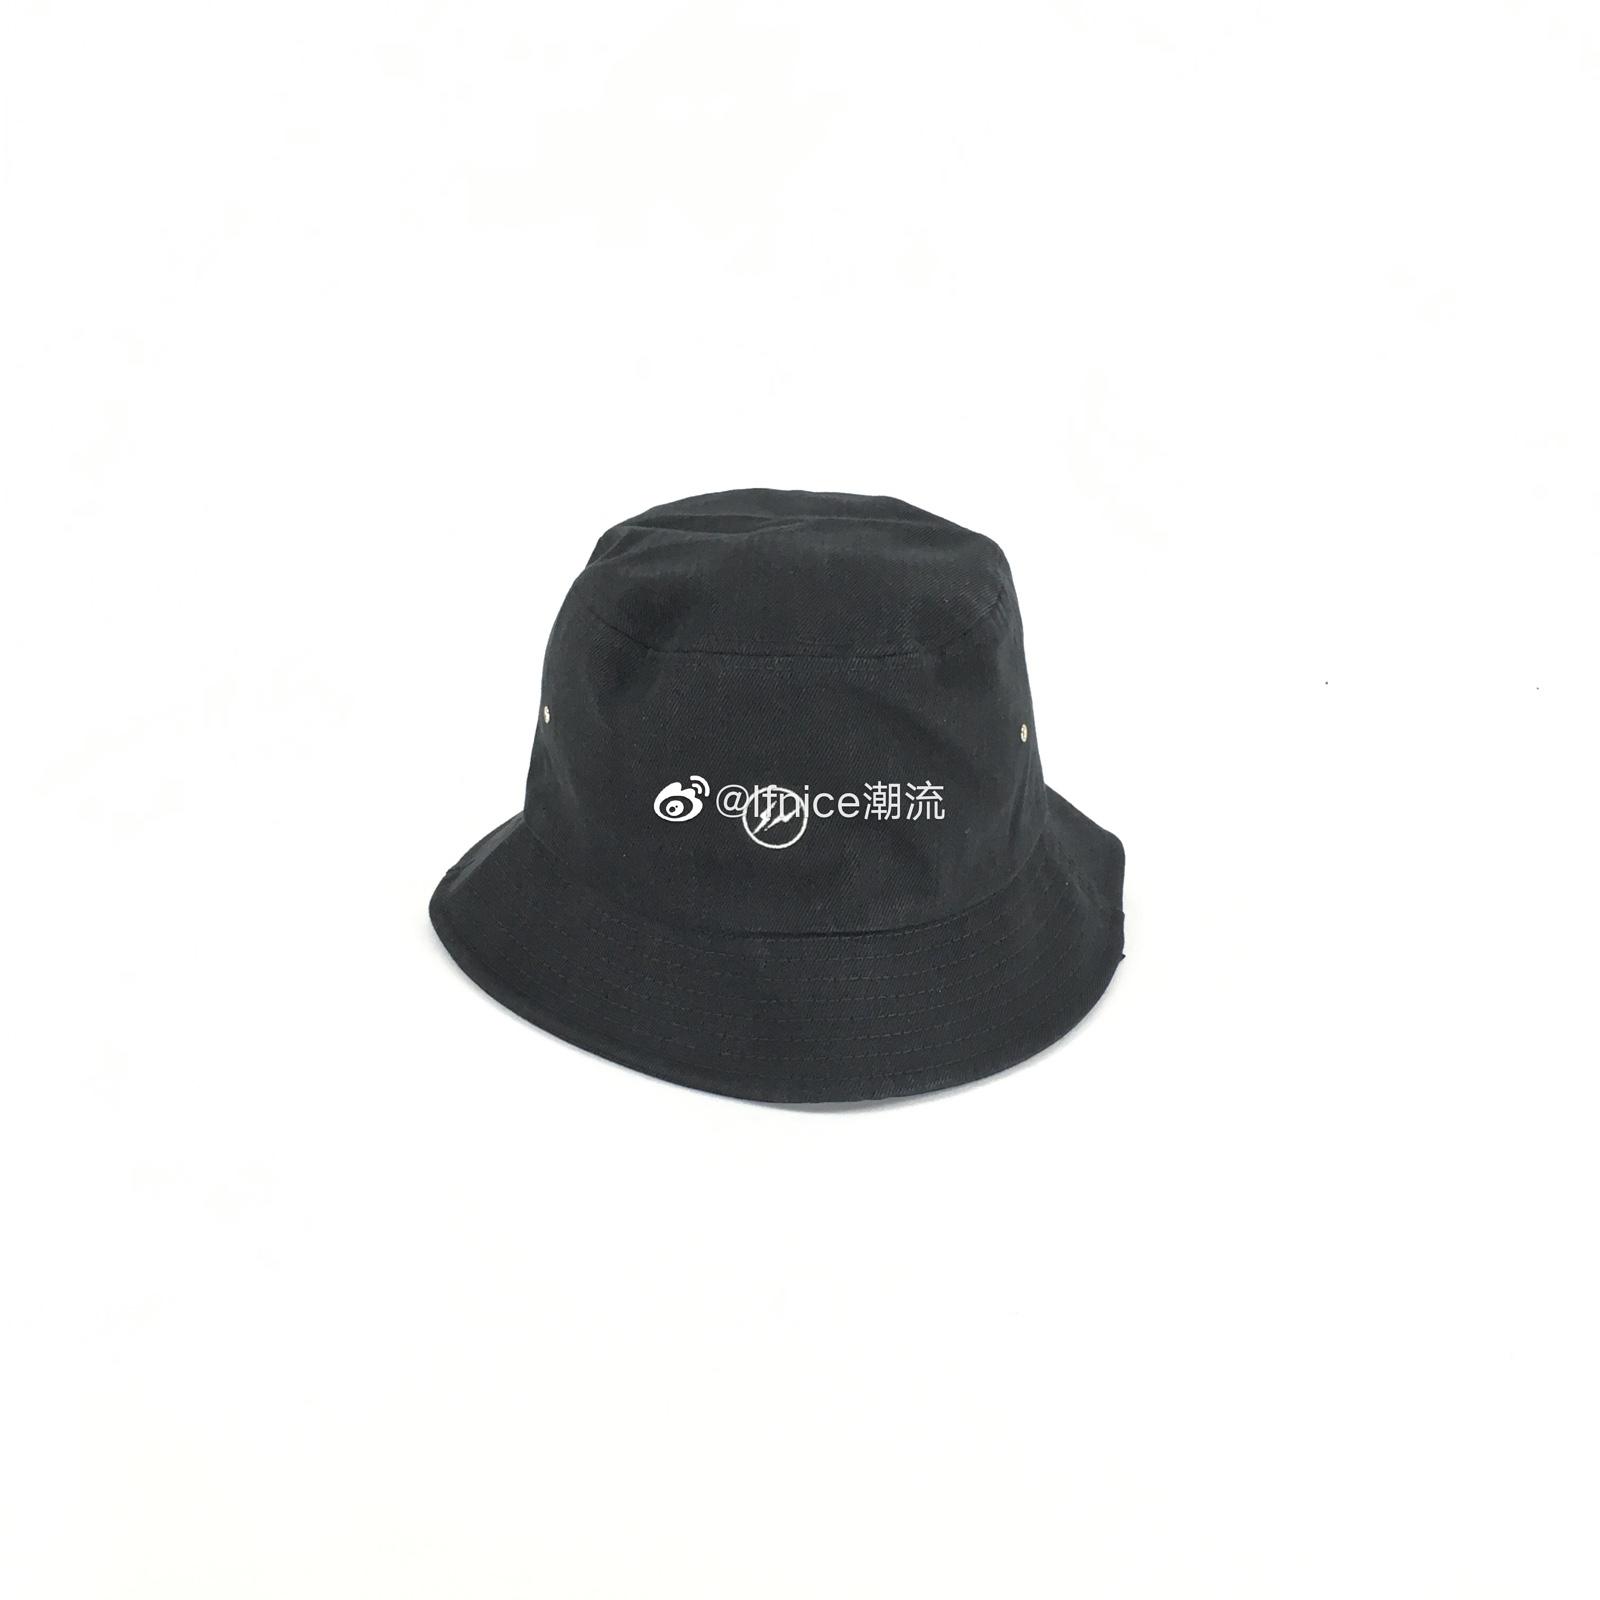 【Ifnice】Peaceminusone Fragment 联名 藤原浩 闪电 飘带渔夫帽